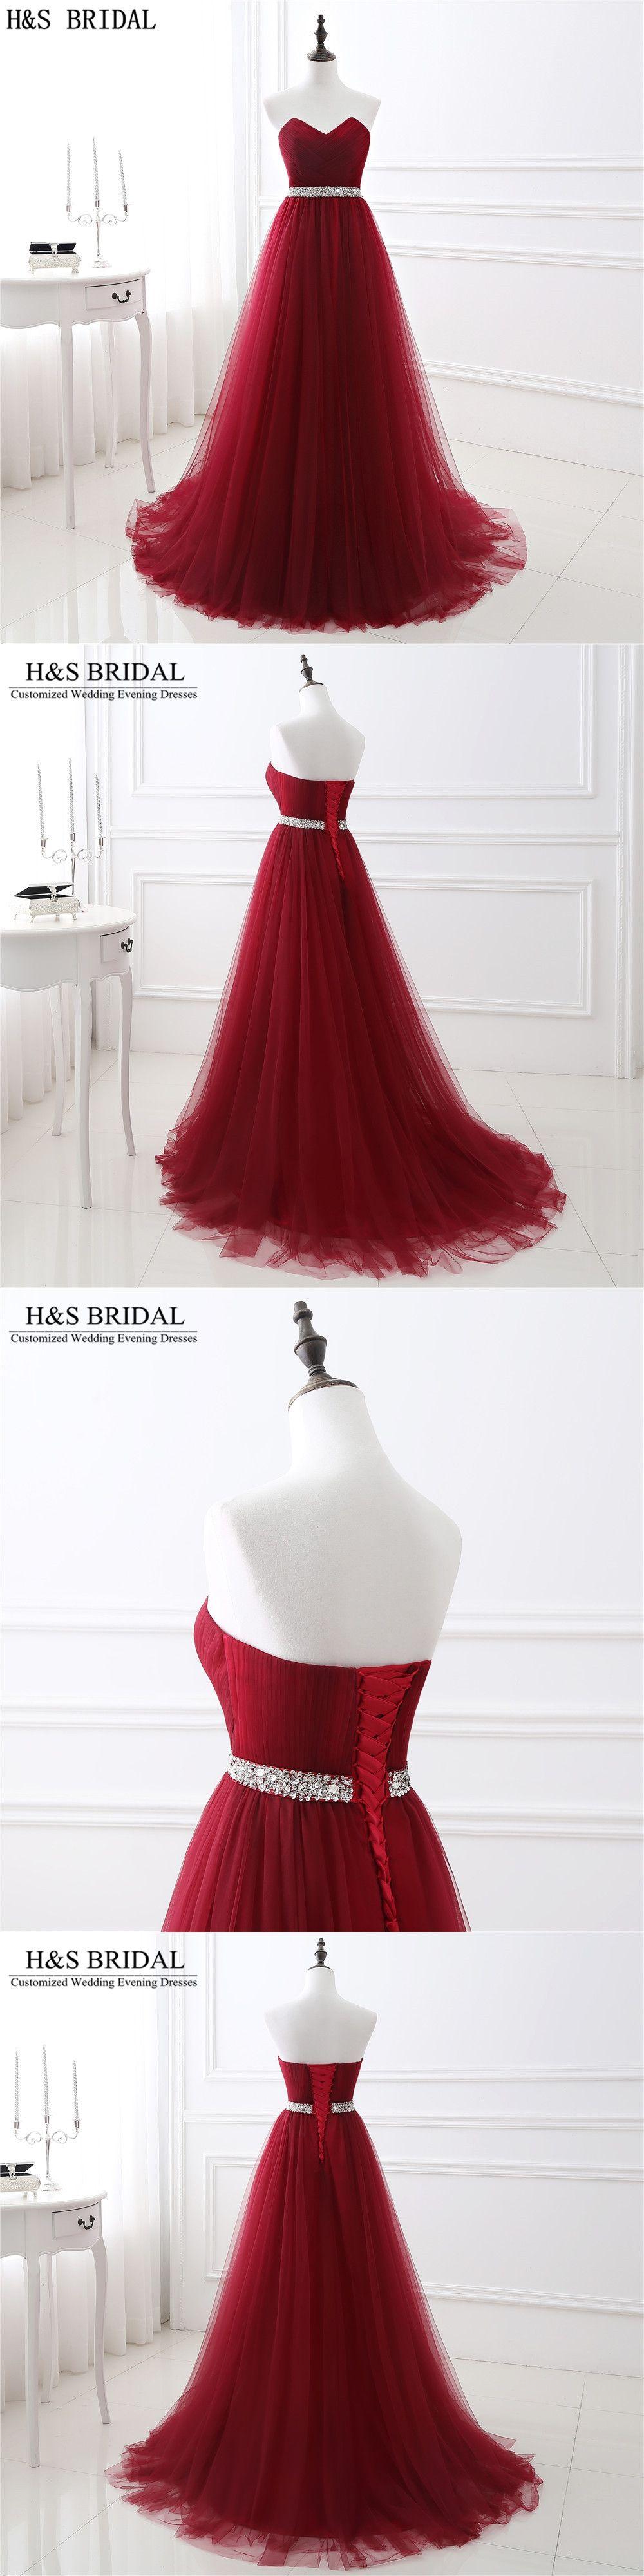 Sweetheart beaded burgundy evening dresses tulle aline prom dress